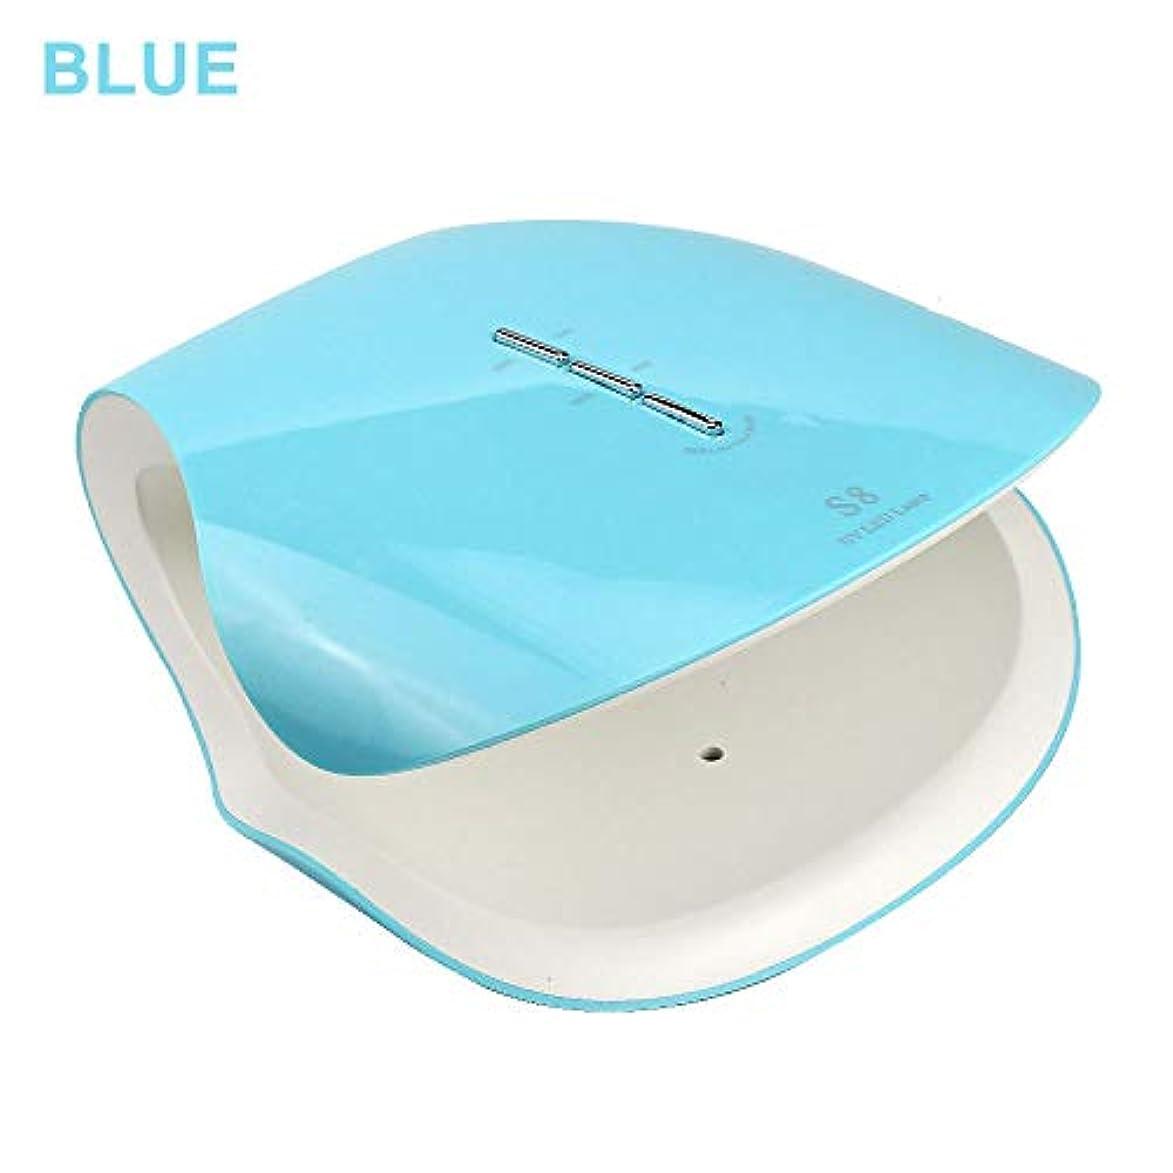 クリップアンソロジー西Led UVネイルドライヤー、48ワットスマートネイル光線療法機30 s 60 s 99 sタイマープロフェッショナル機マニキュア/ペディキュア,Blue